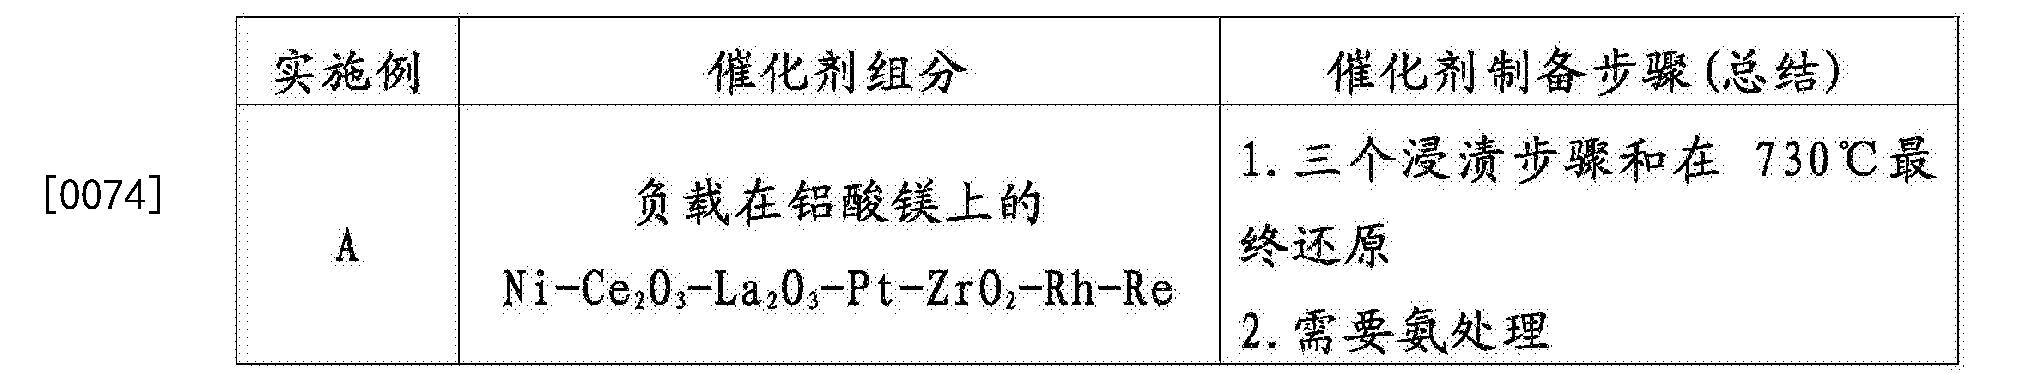 Figure CN105555707BD00121